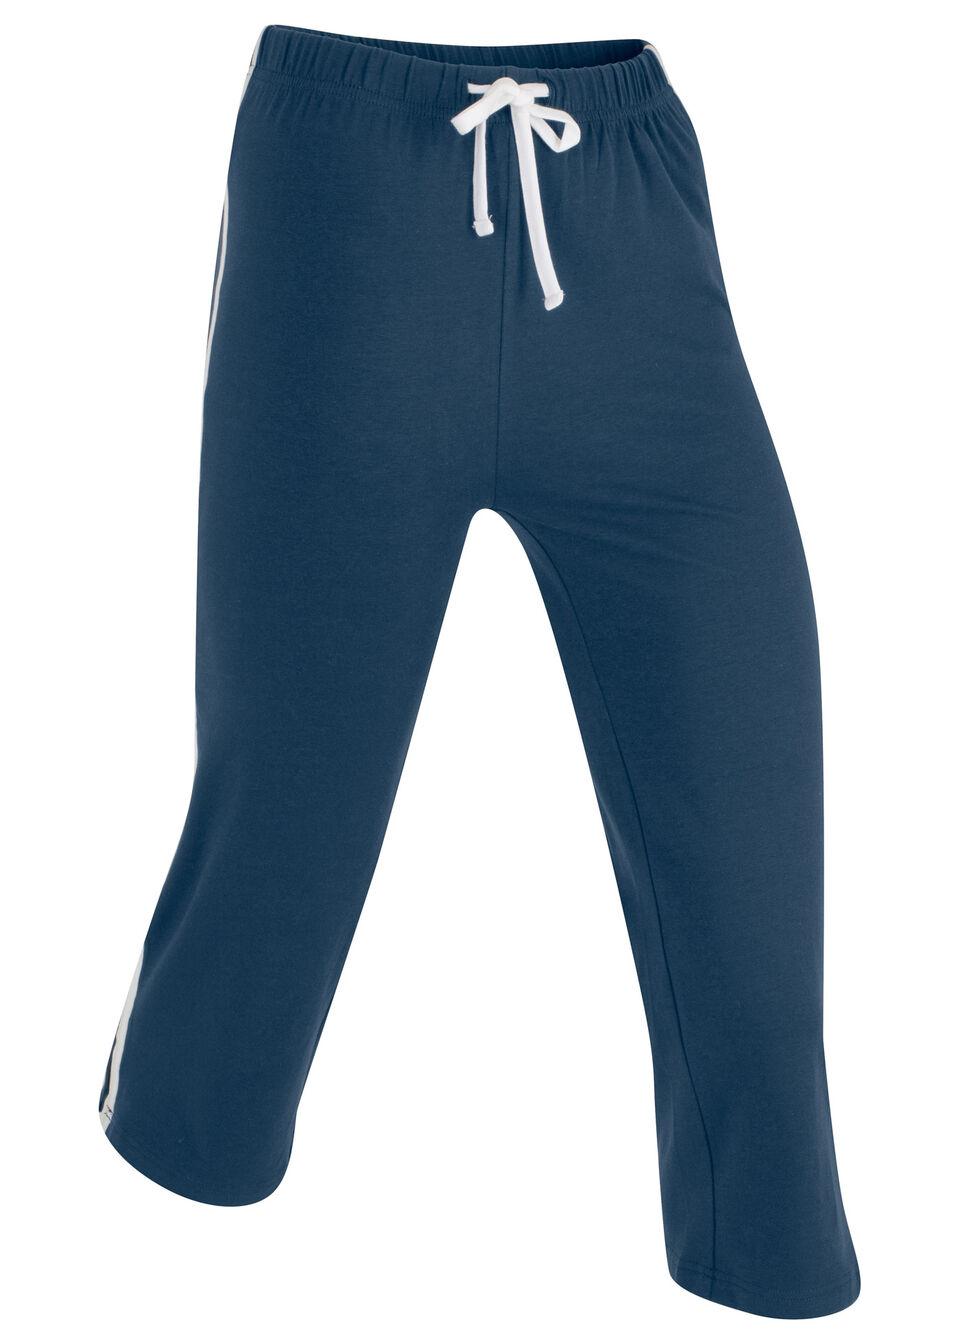 Pantaloni sport 3/4 capri bonprix